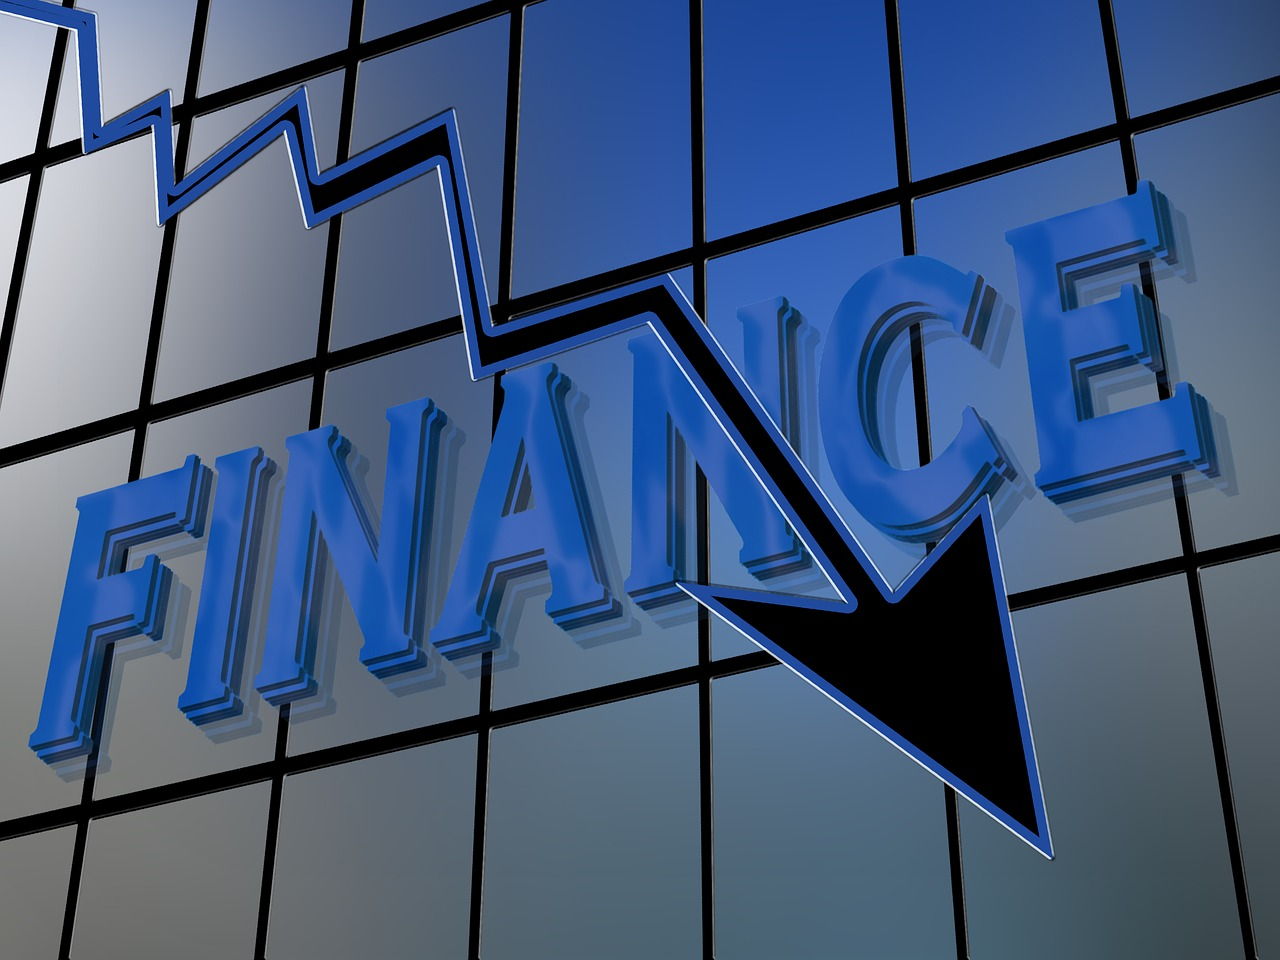 借入金を考える最初の一歩。短期と長期のそれぞれの使いみちと返済原資を意識する。